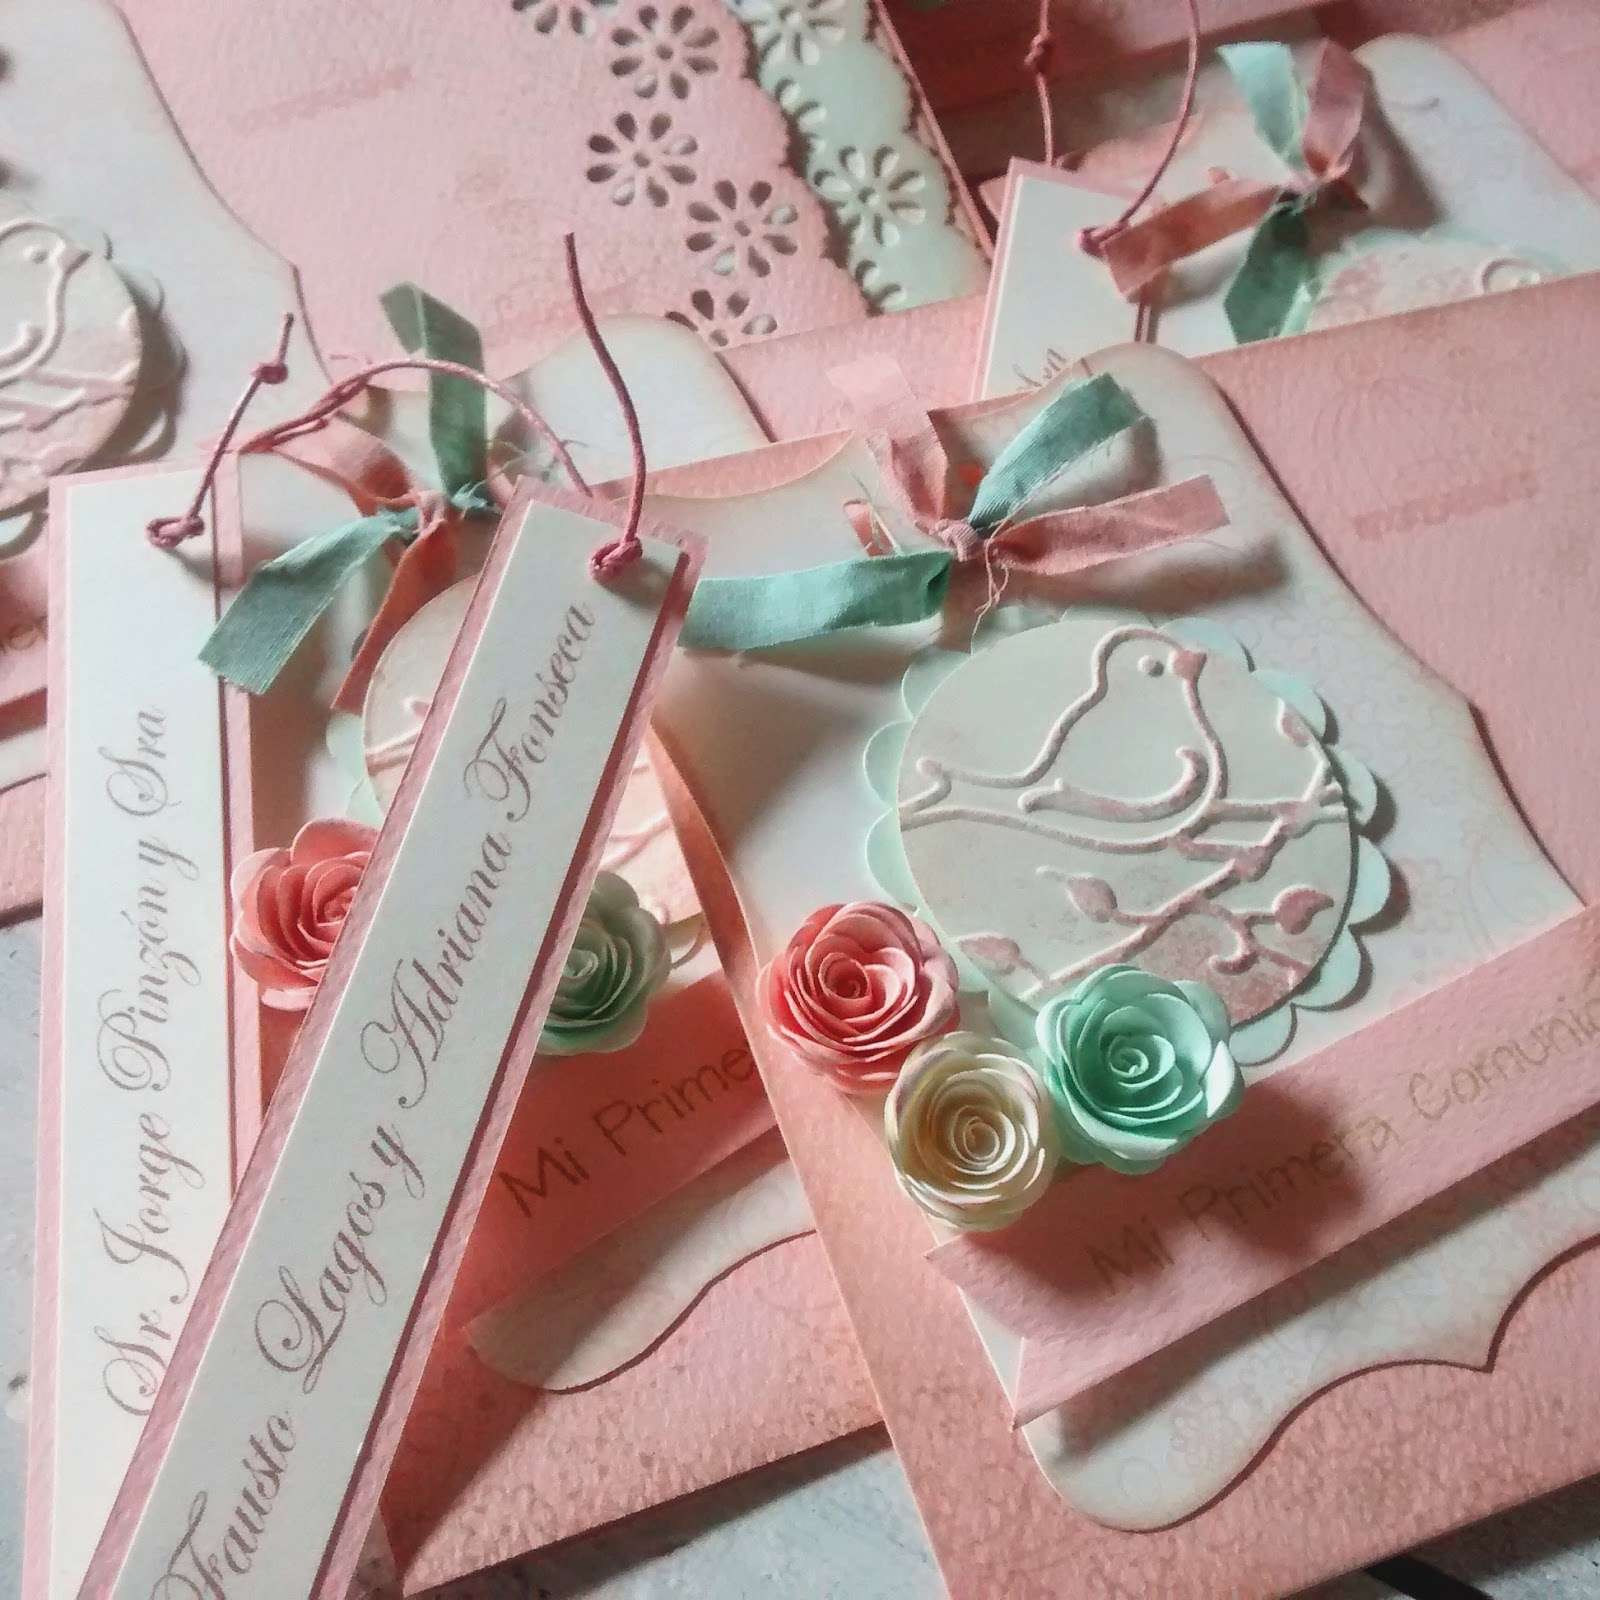 Dise os marta correa mensajes tarjetas de invitaci n - Casas para belenes hechas a mano ...